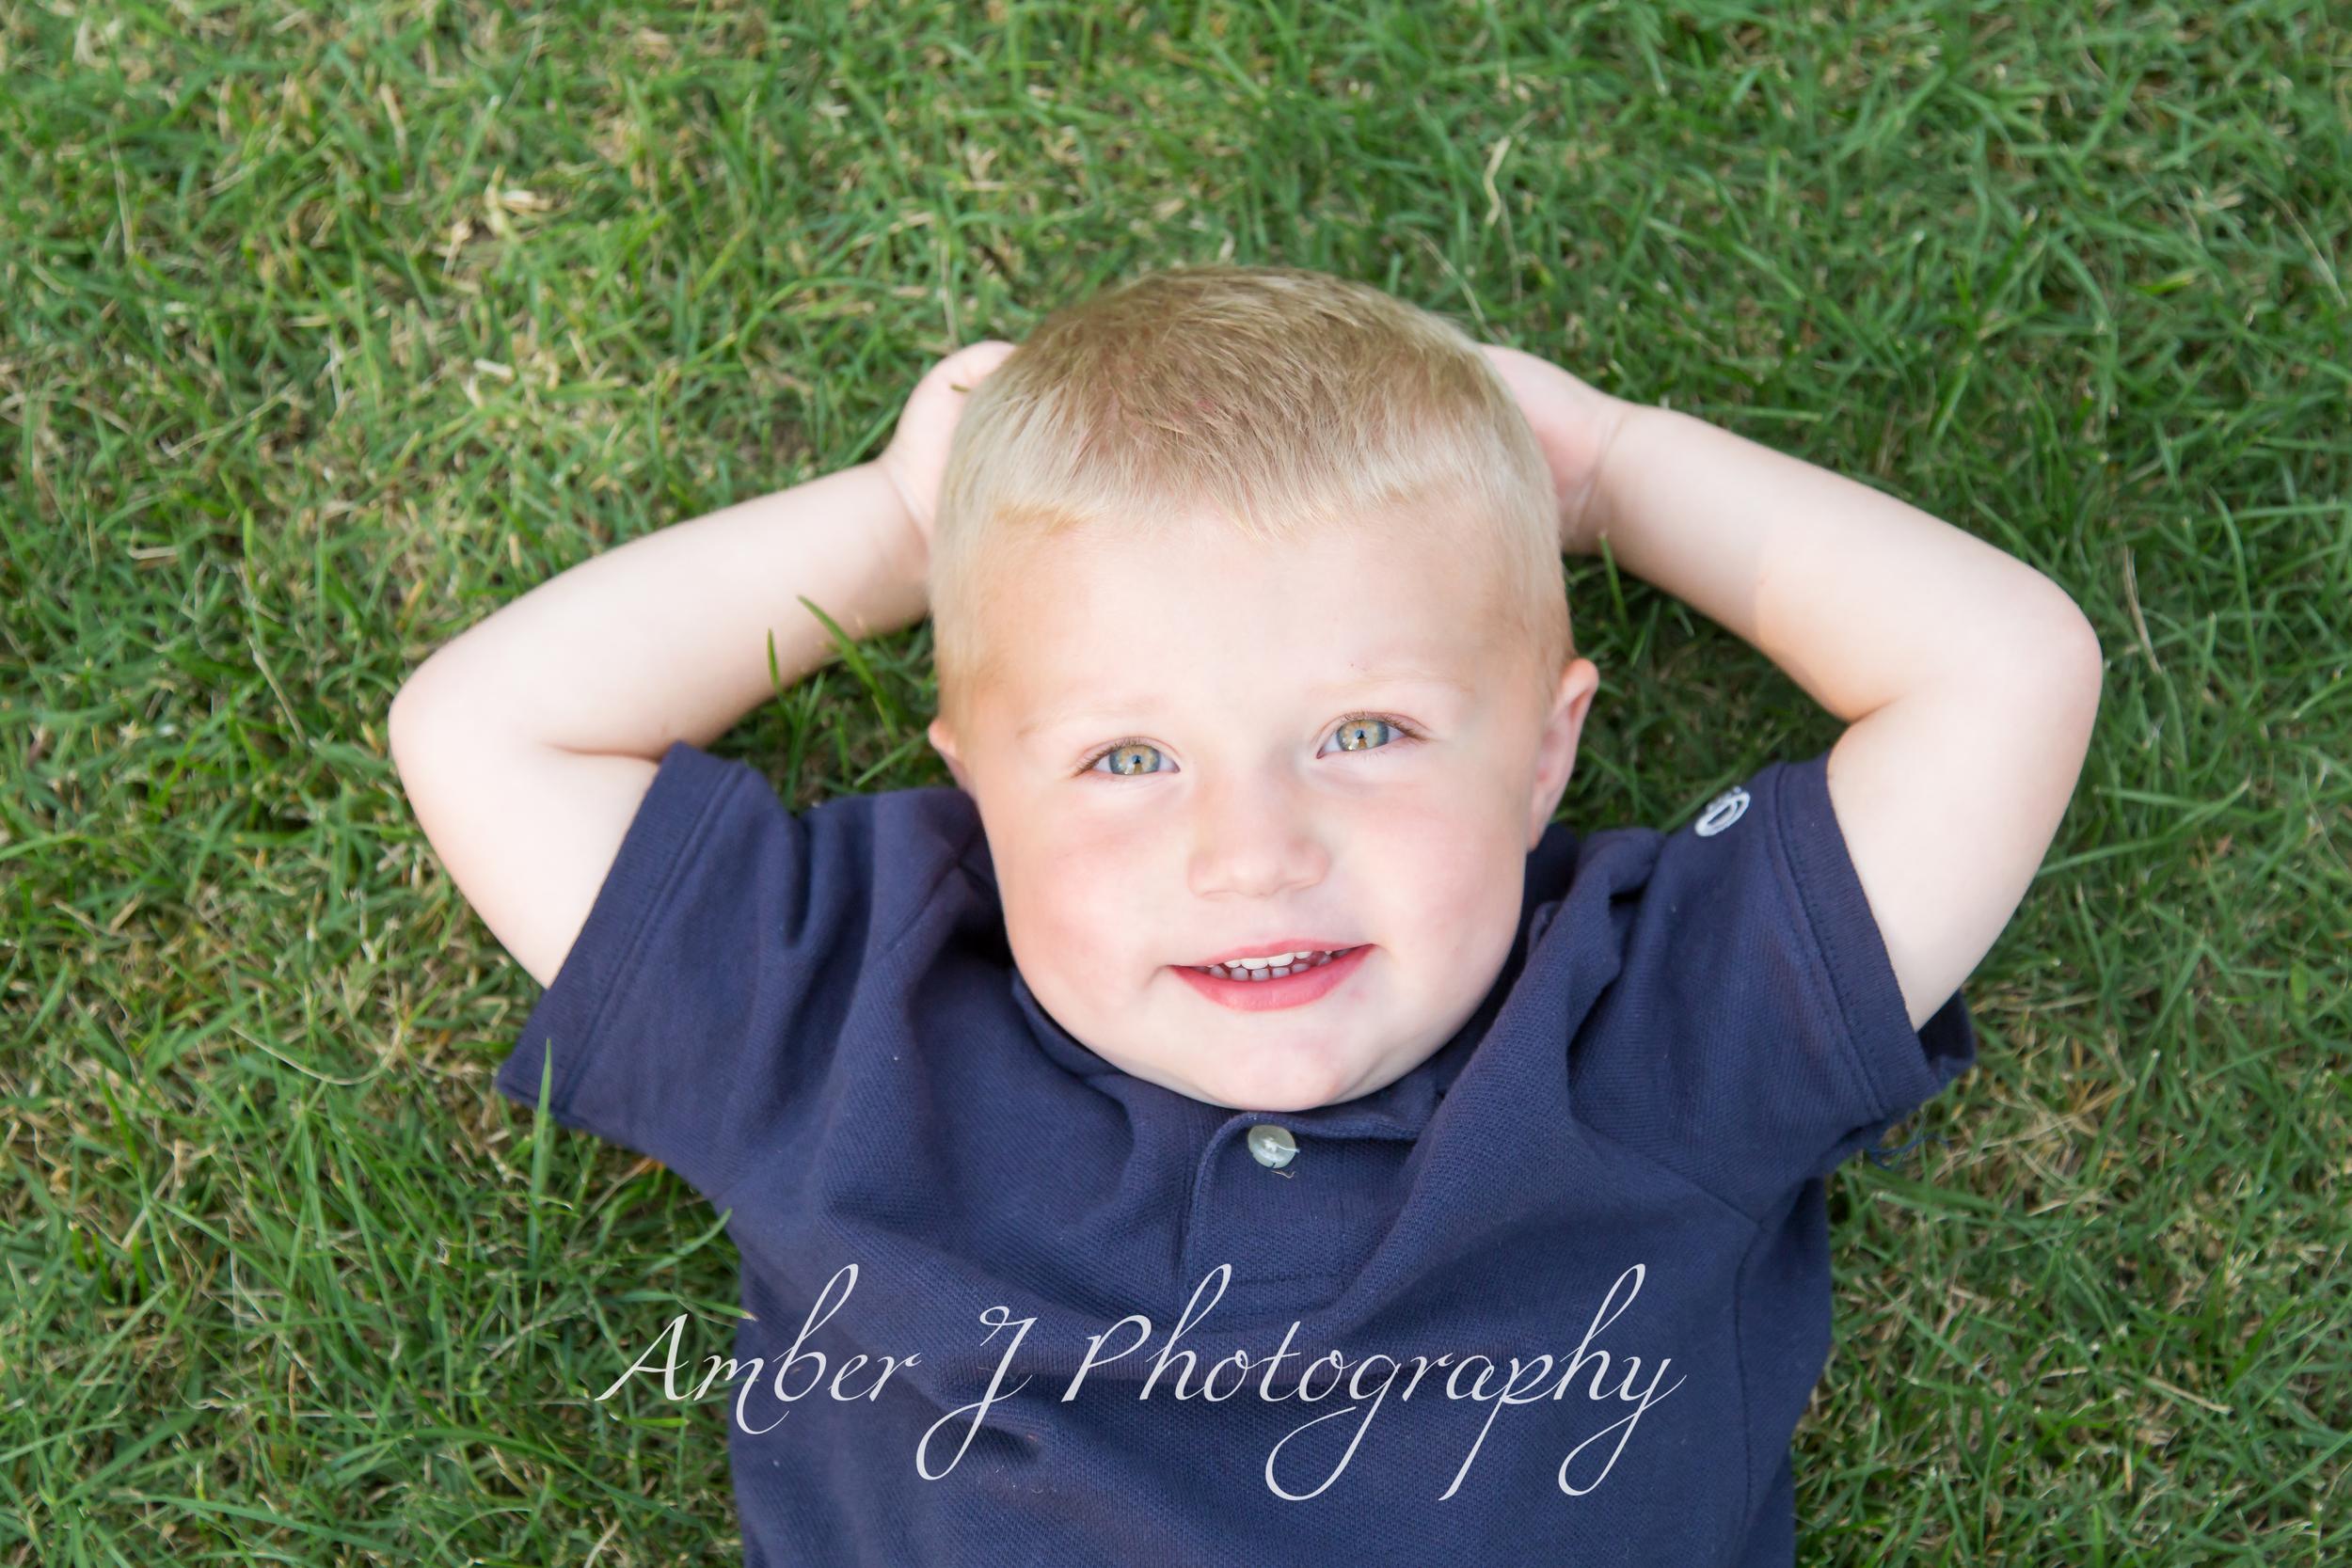 Burrfamily_amberjphotographyblog_18.jpg